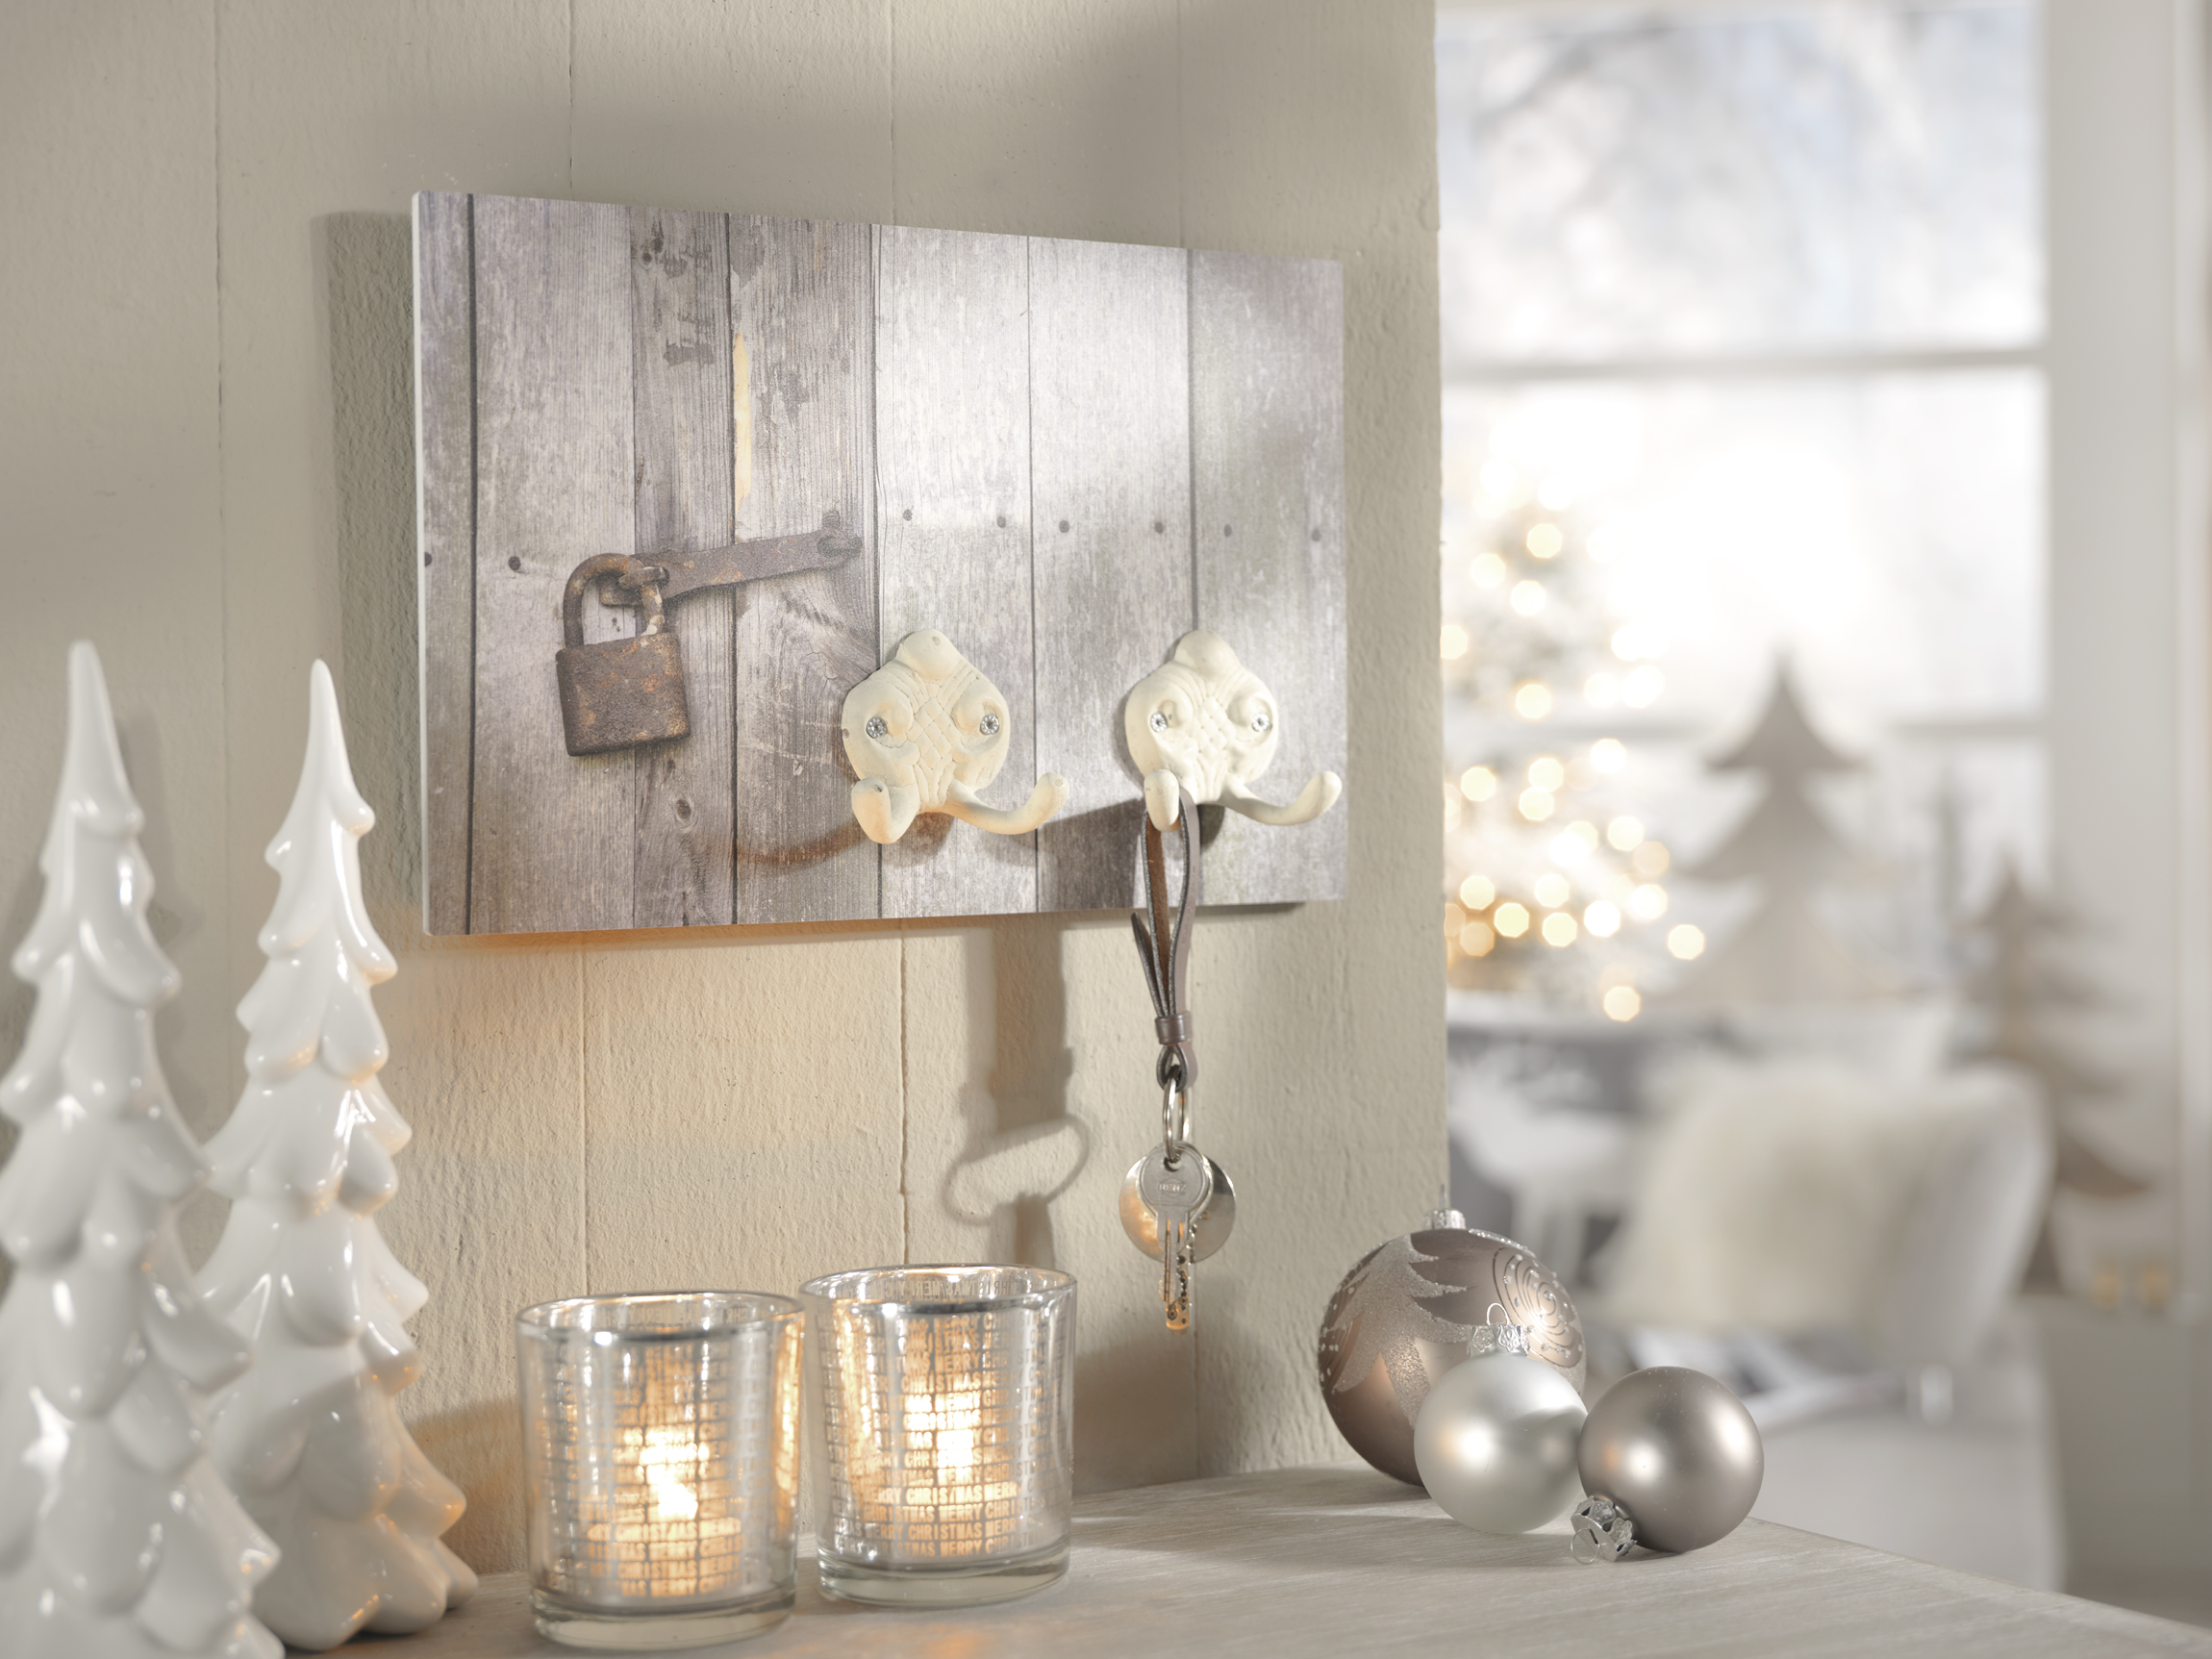 mach 39 mehr draus kreative weihnachtsgeschenke aus fotos selbst gebastelt presseportal. Black Bedroom Furniture Sets. Home Design Ideas